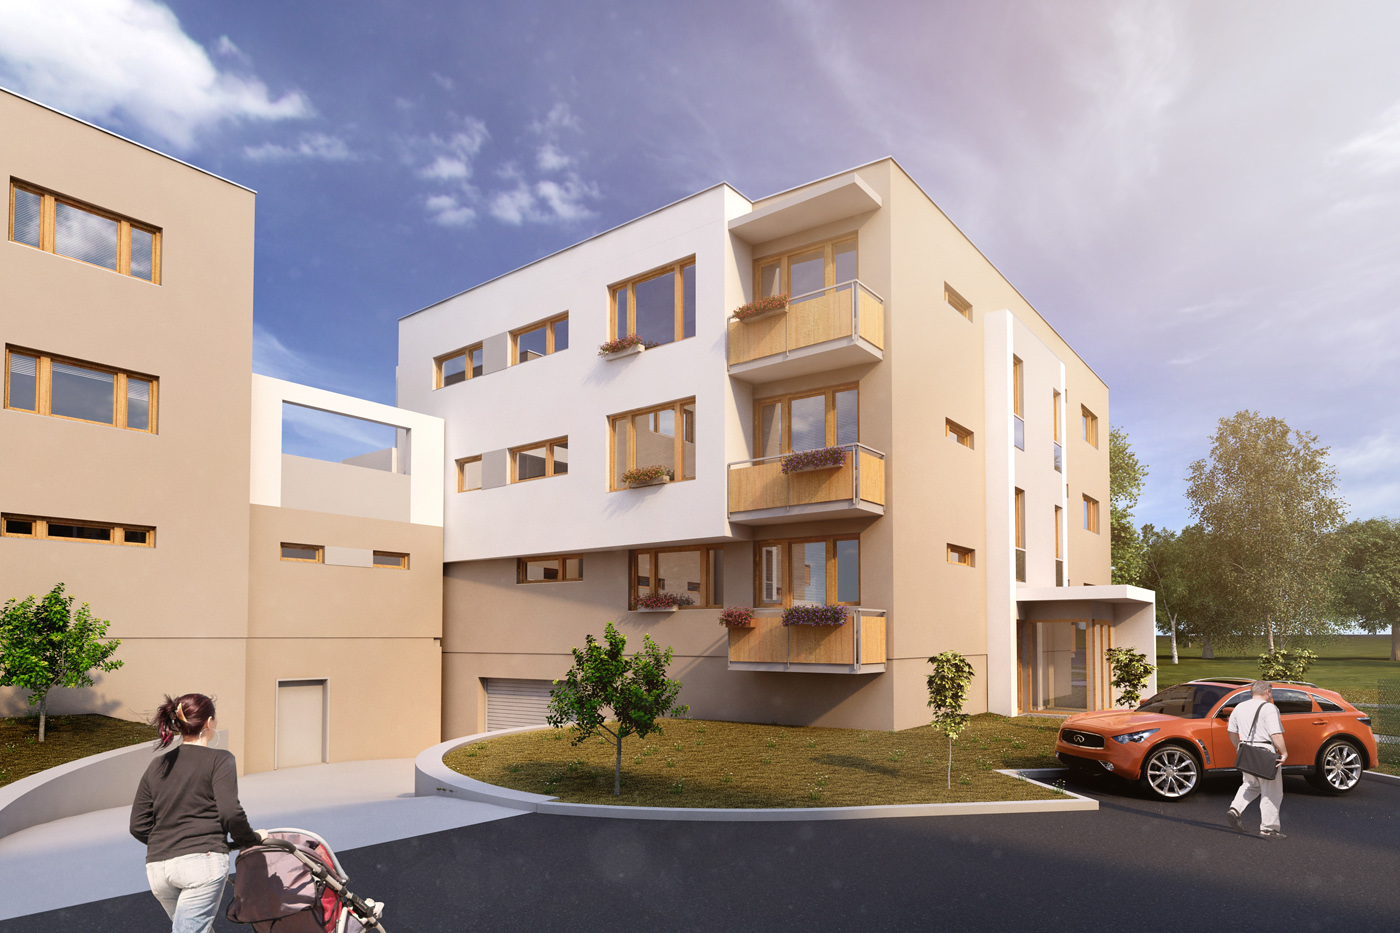 3D vizualizace bytových domů projektu Byty Frýdek Místek